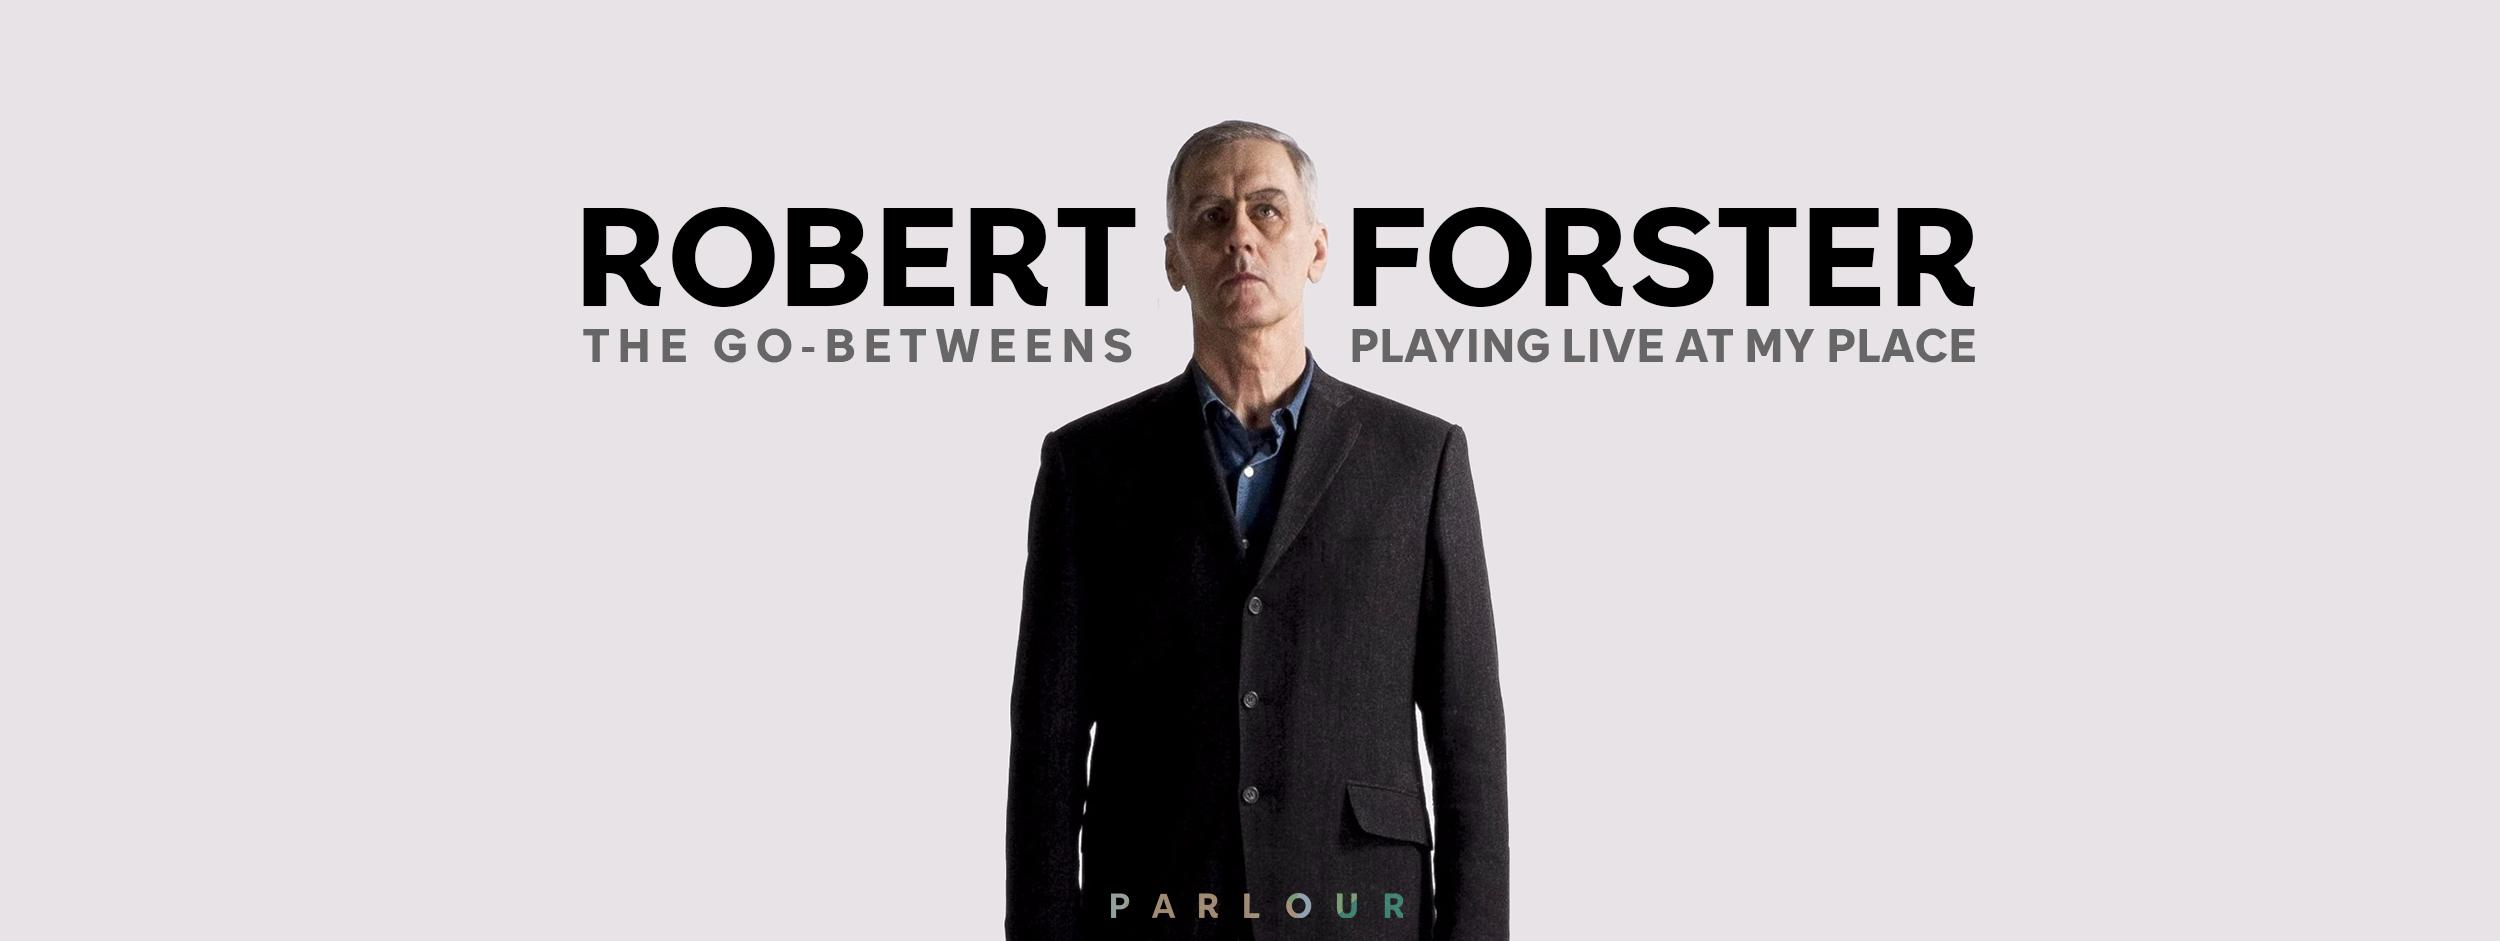 Robert Forster Banner.jpg